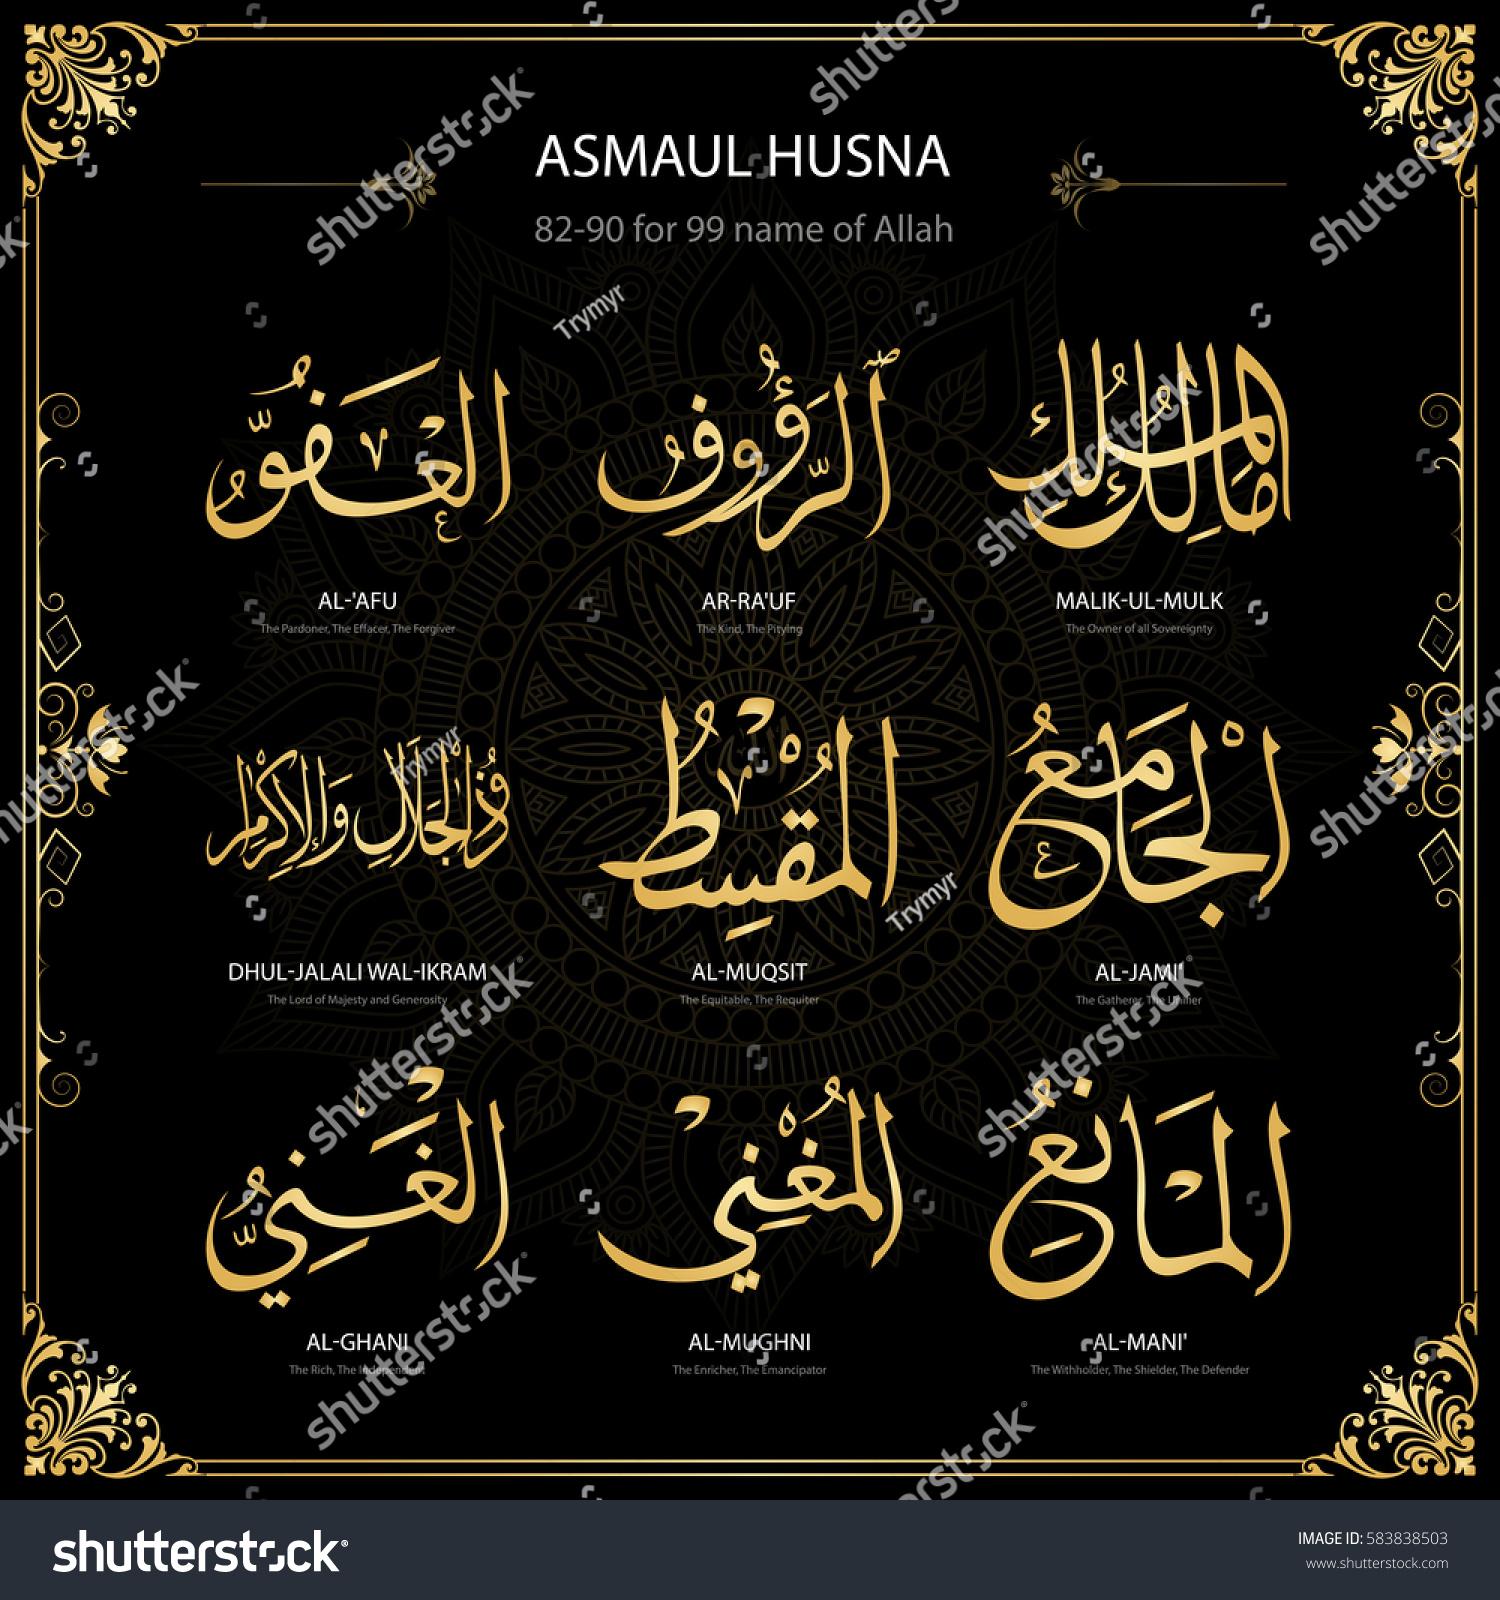 Asmaul Husna 99 Names Allah Vector Stock Vector 583838503